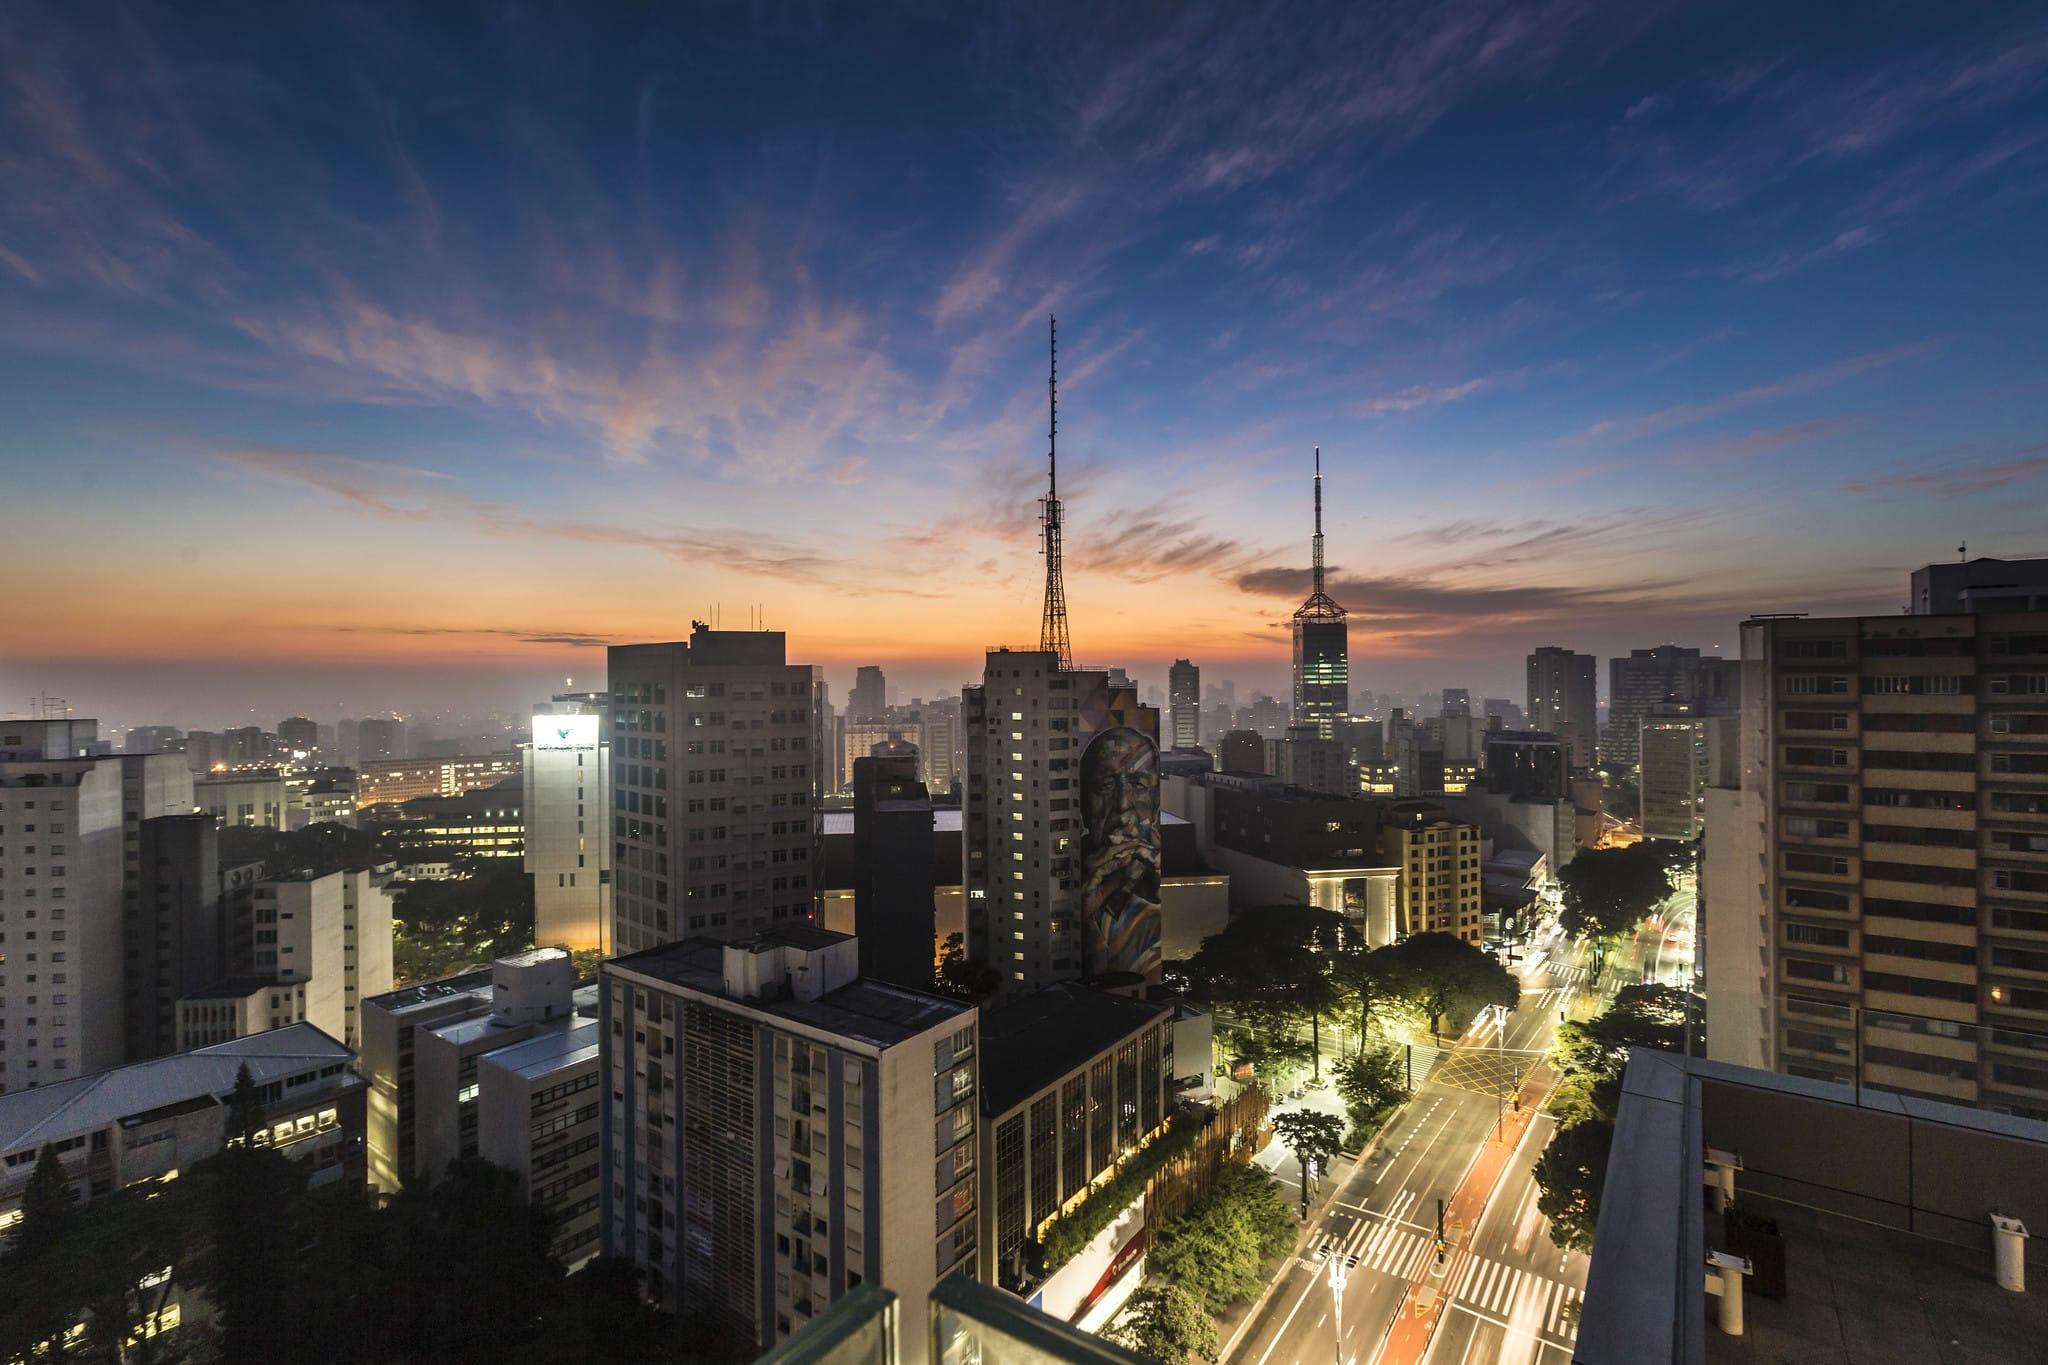 Vista do terraço do Sesc Paulista, um dos mirantes para visitar em São Paulo